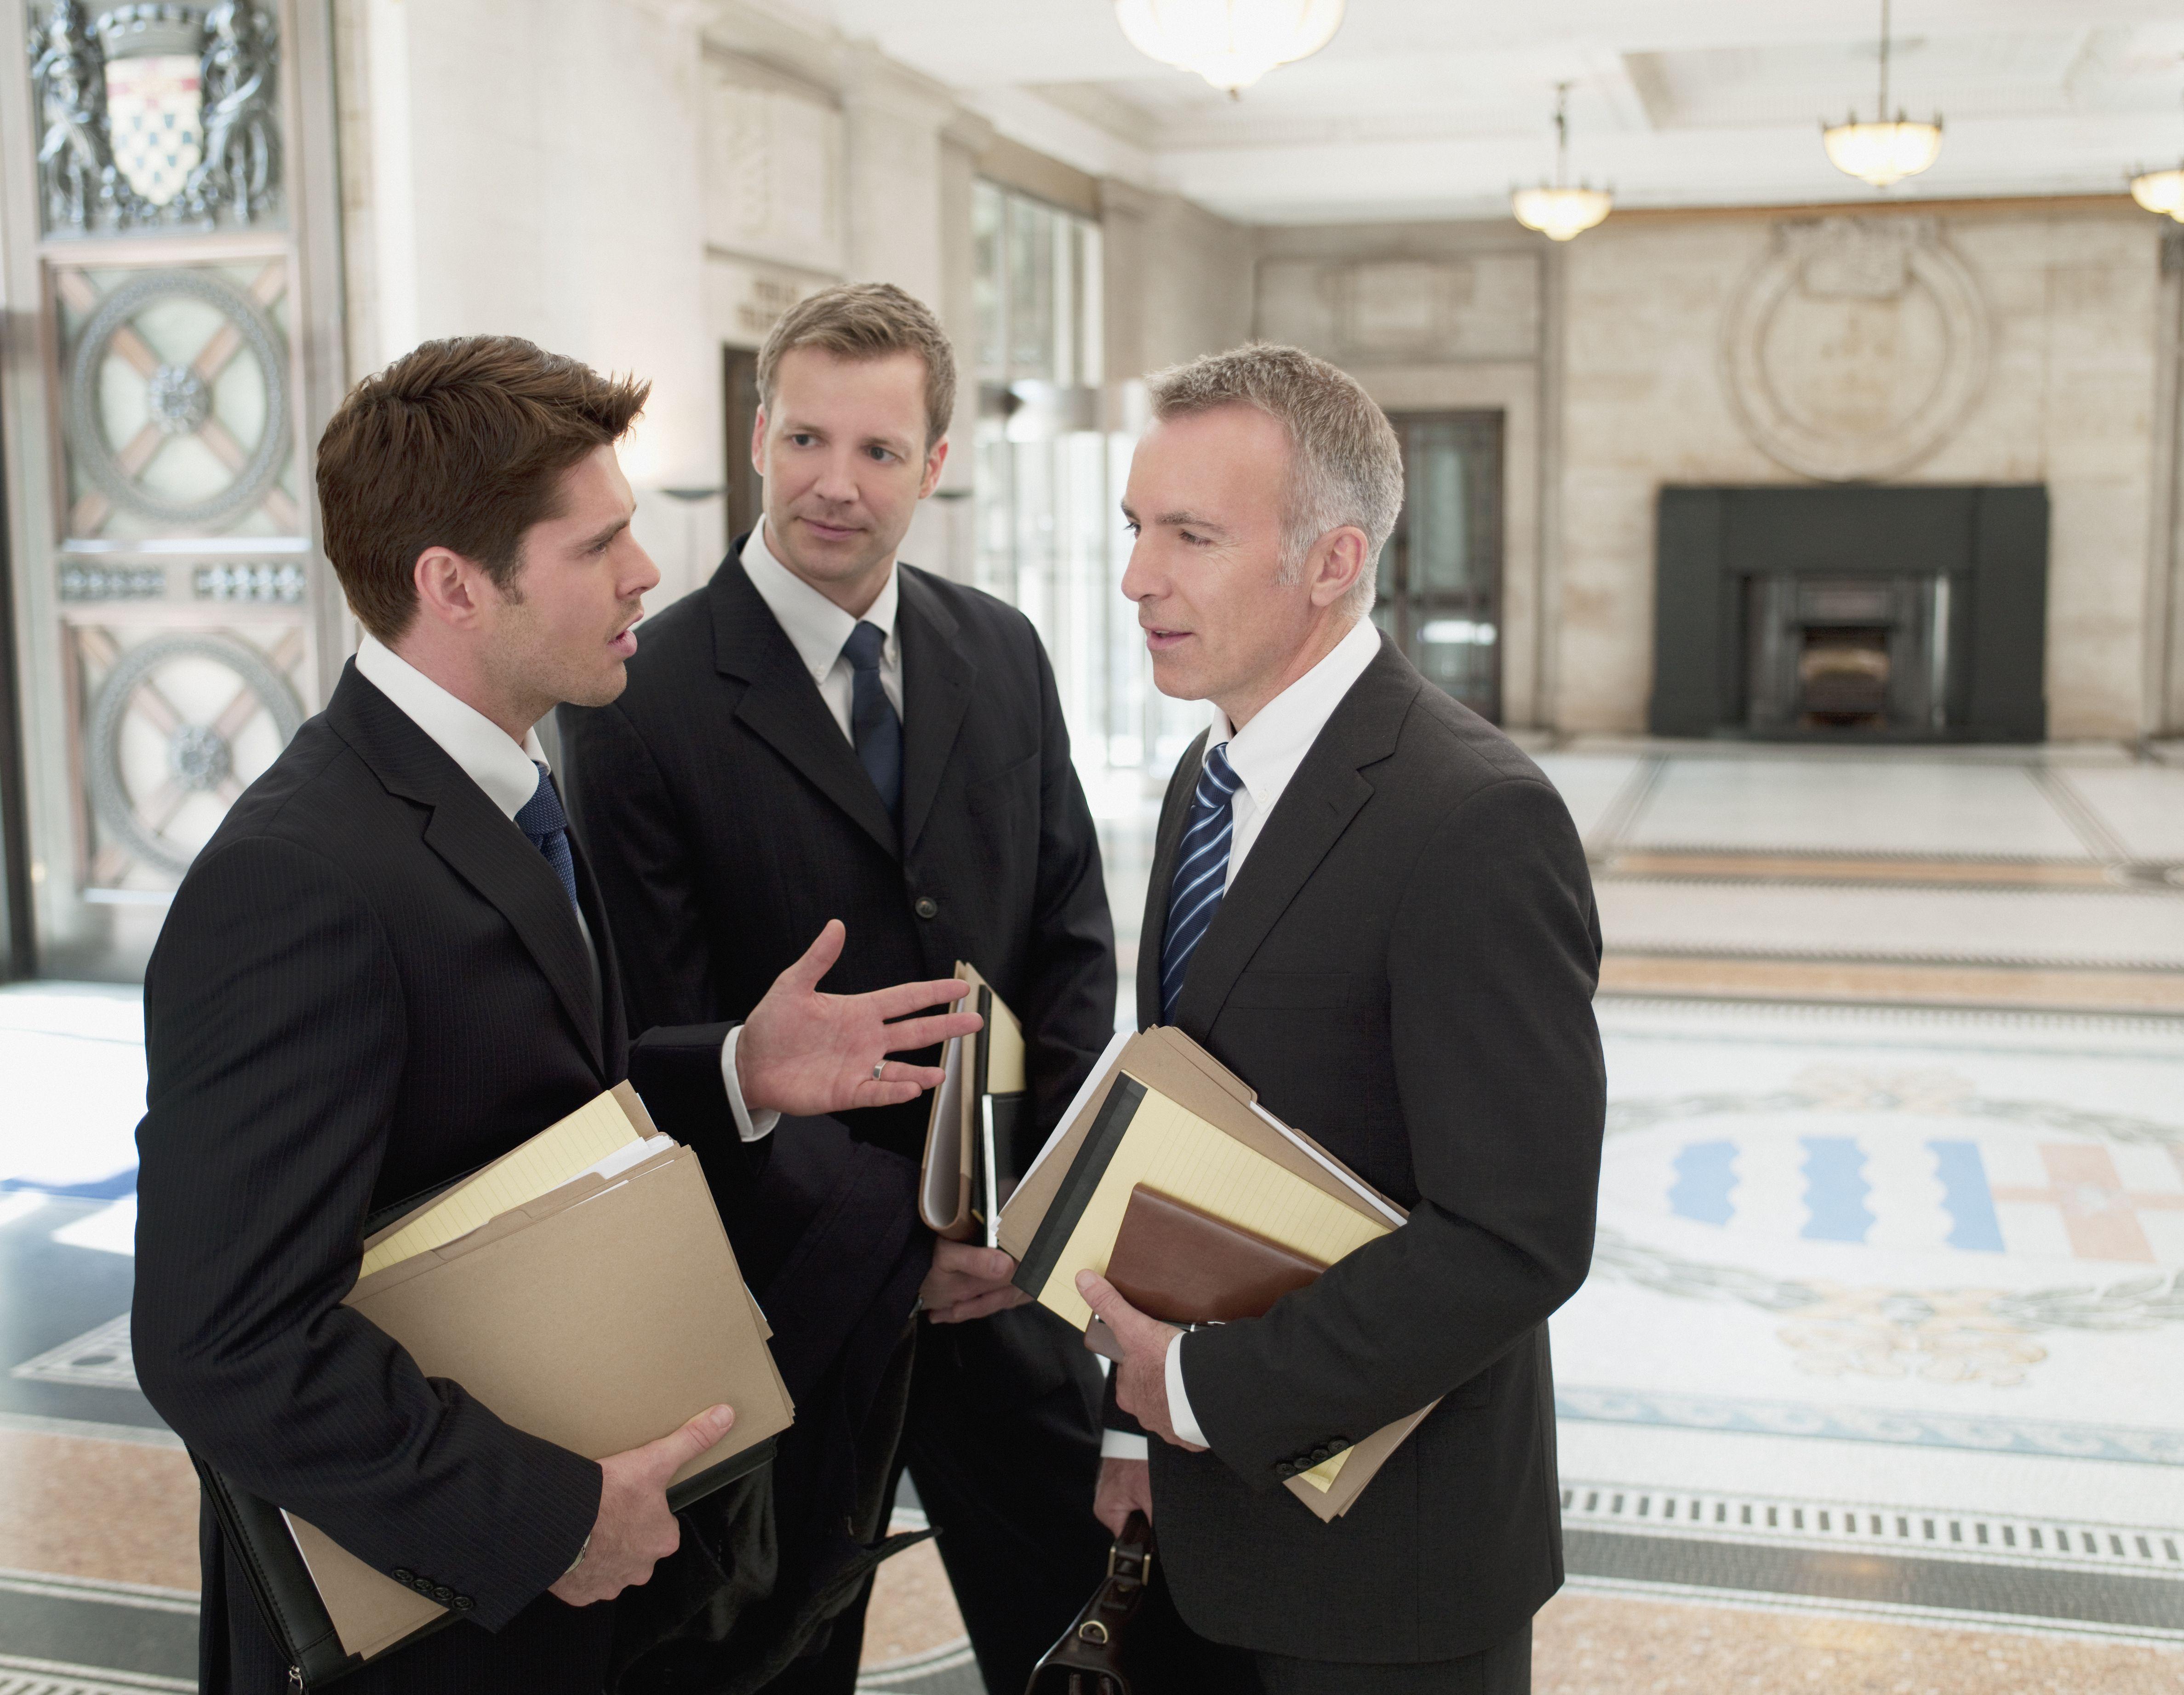 Servicio jurídico: Recobro y otros servicios de Cobro y punto